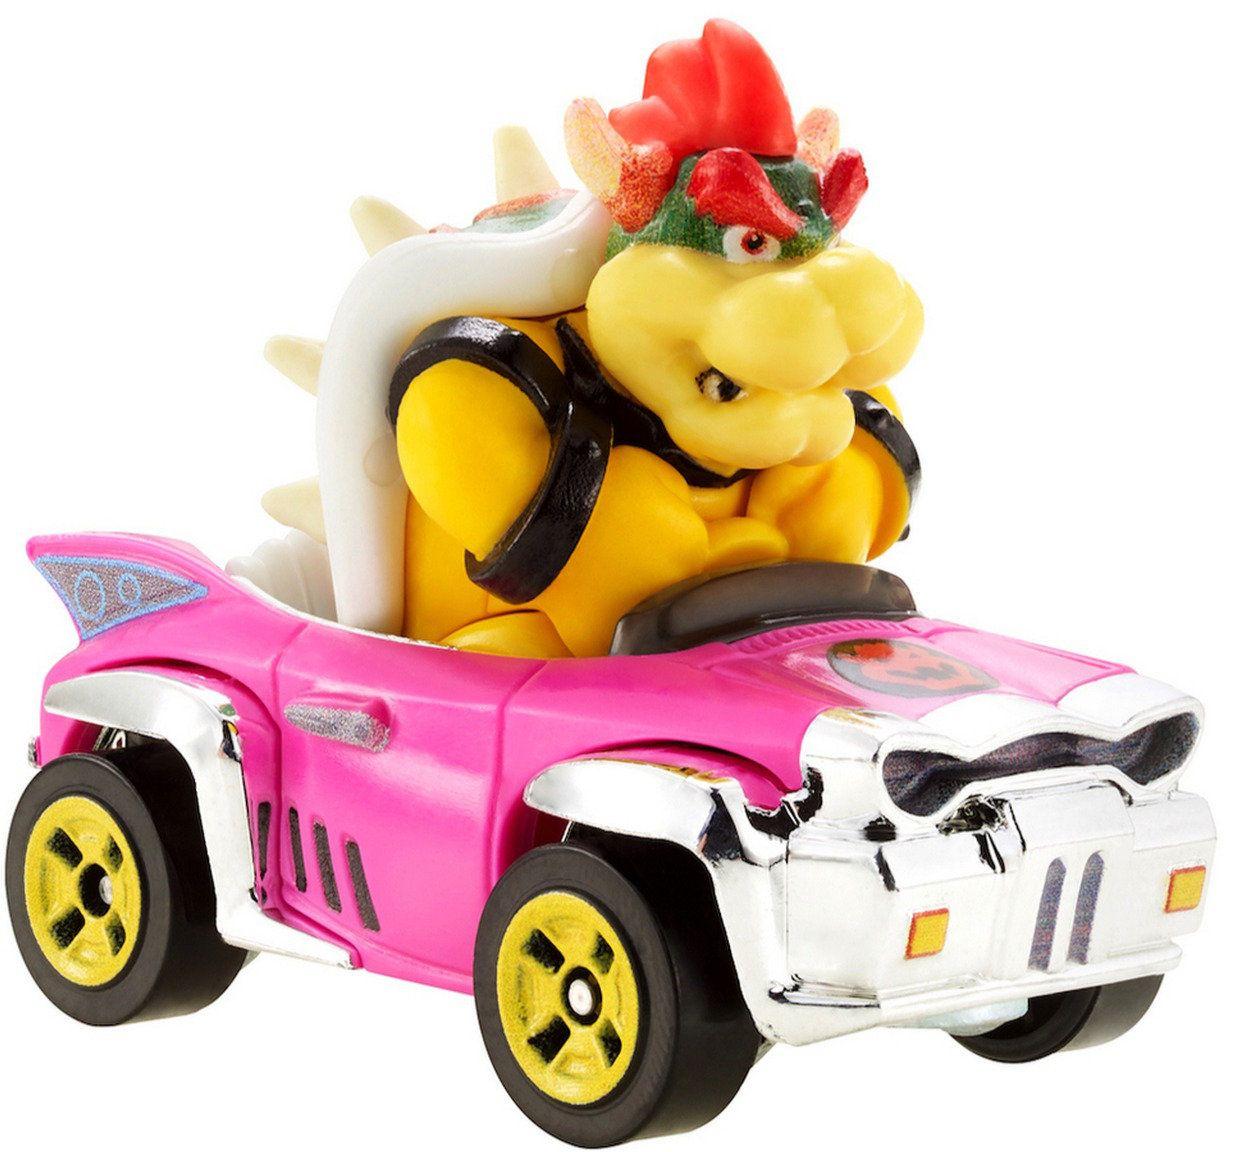 Hot Wheels Mario Kart Bowser Badwagon